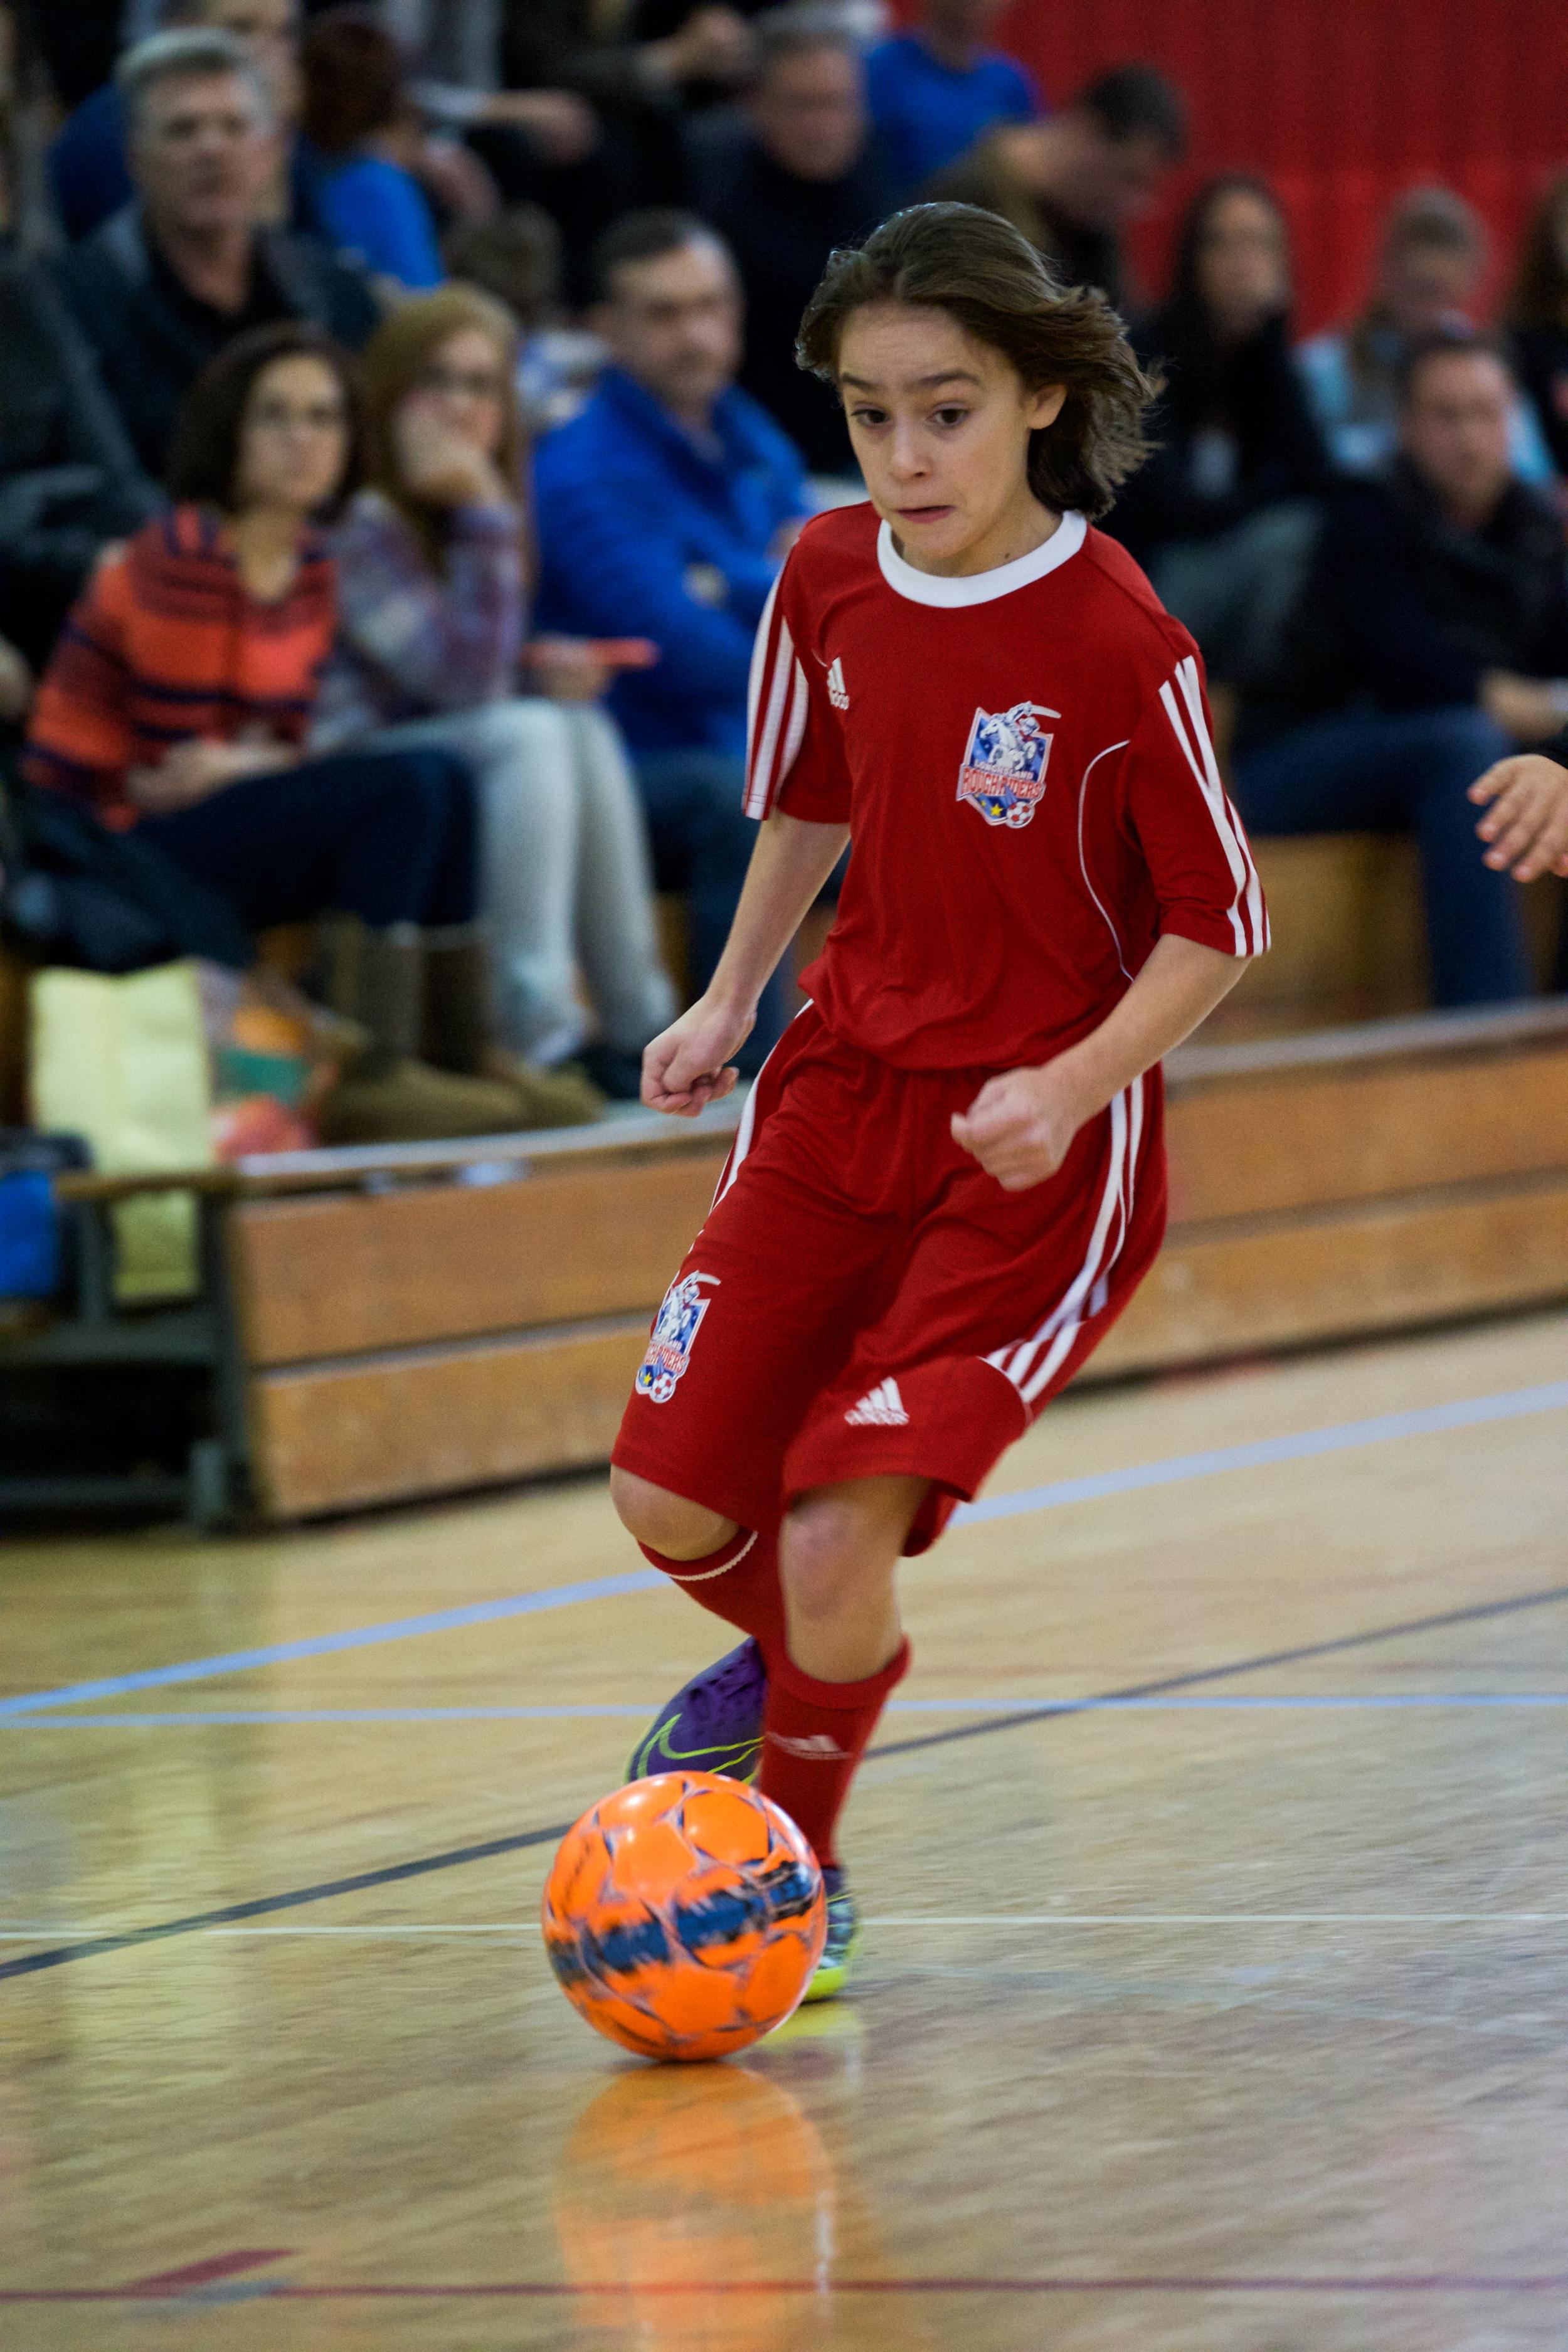 soccer 2 (28 of 31).jpg